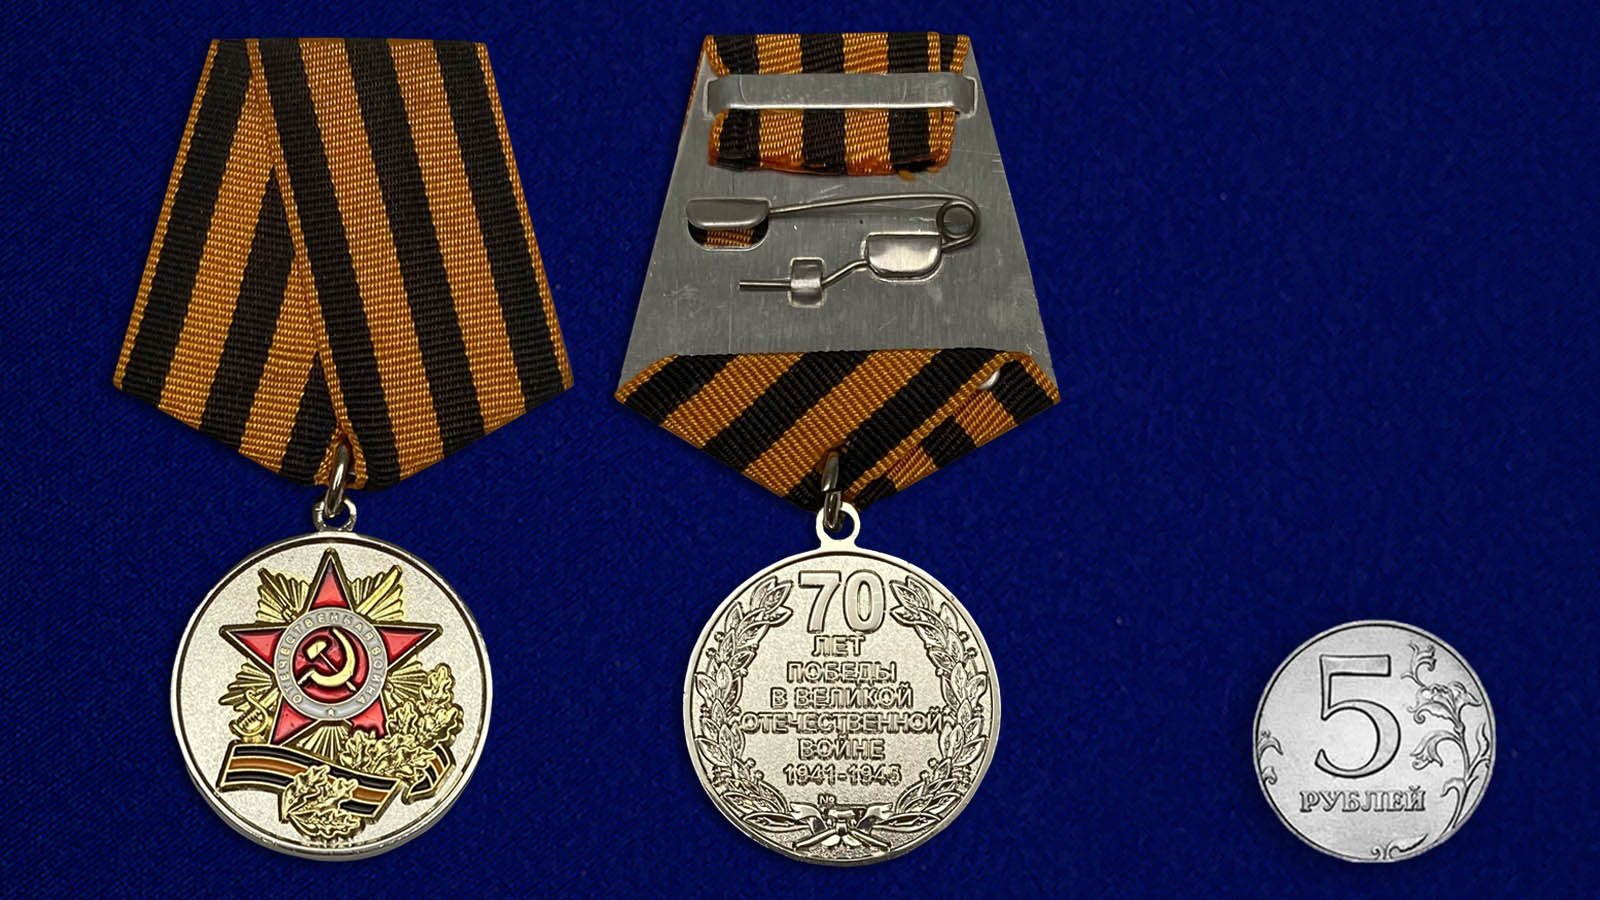 Латунная медаль 70 лет Победы в Великой Отечественной войне - сравнительный вид